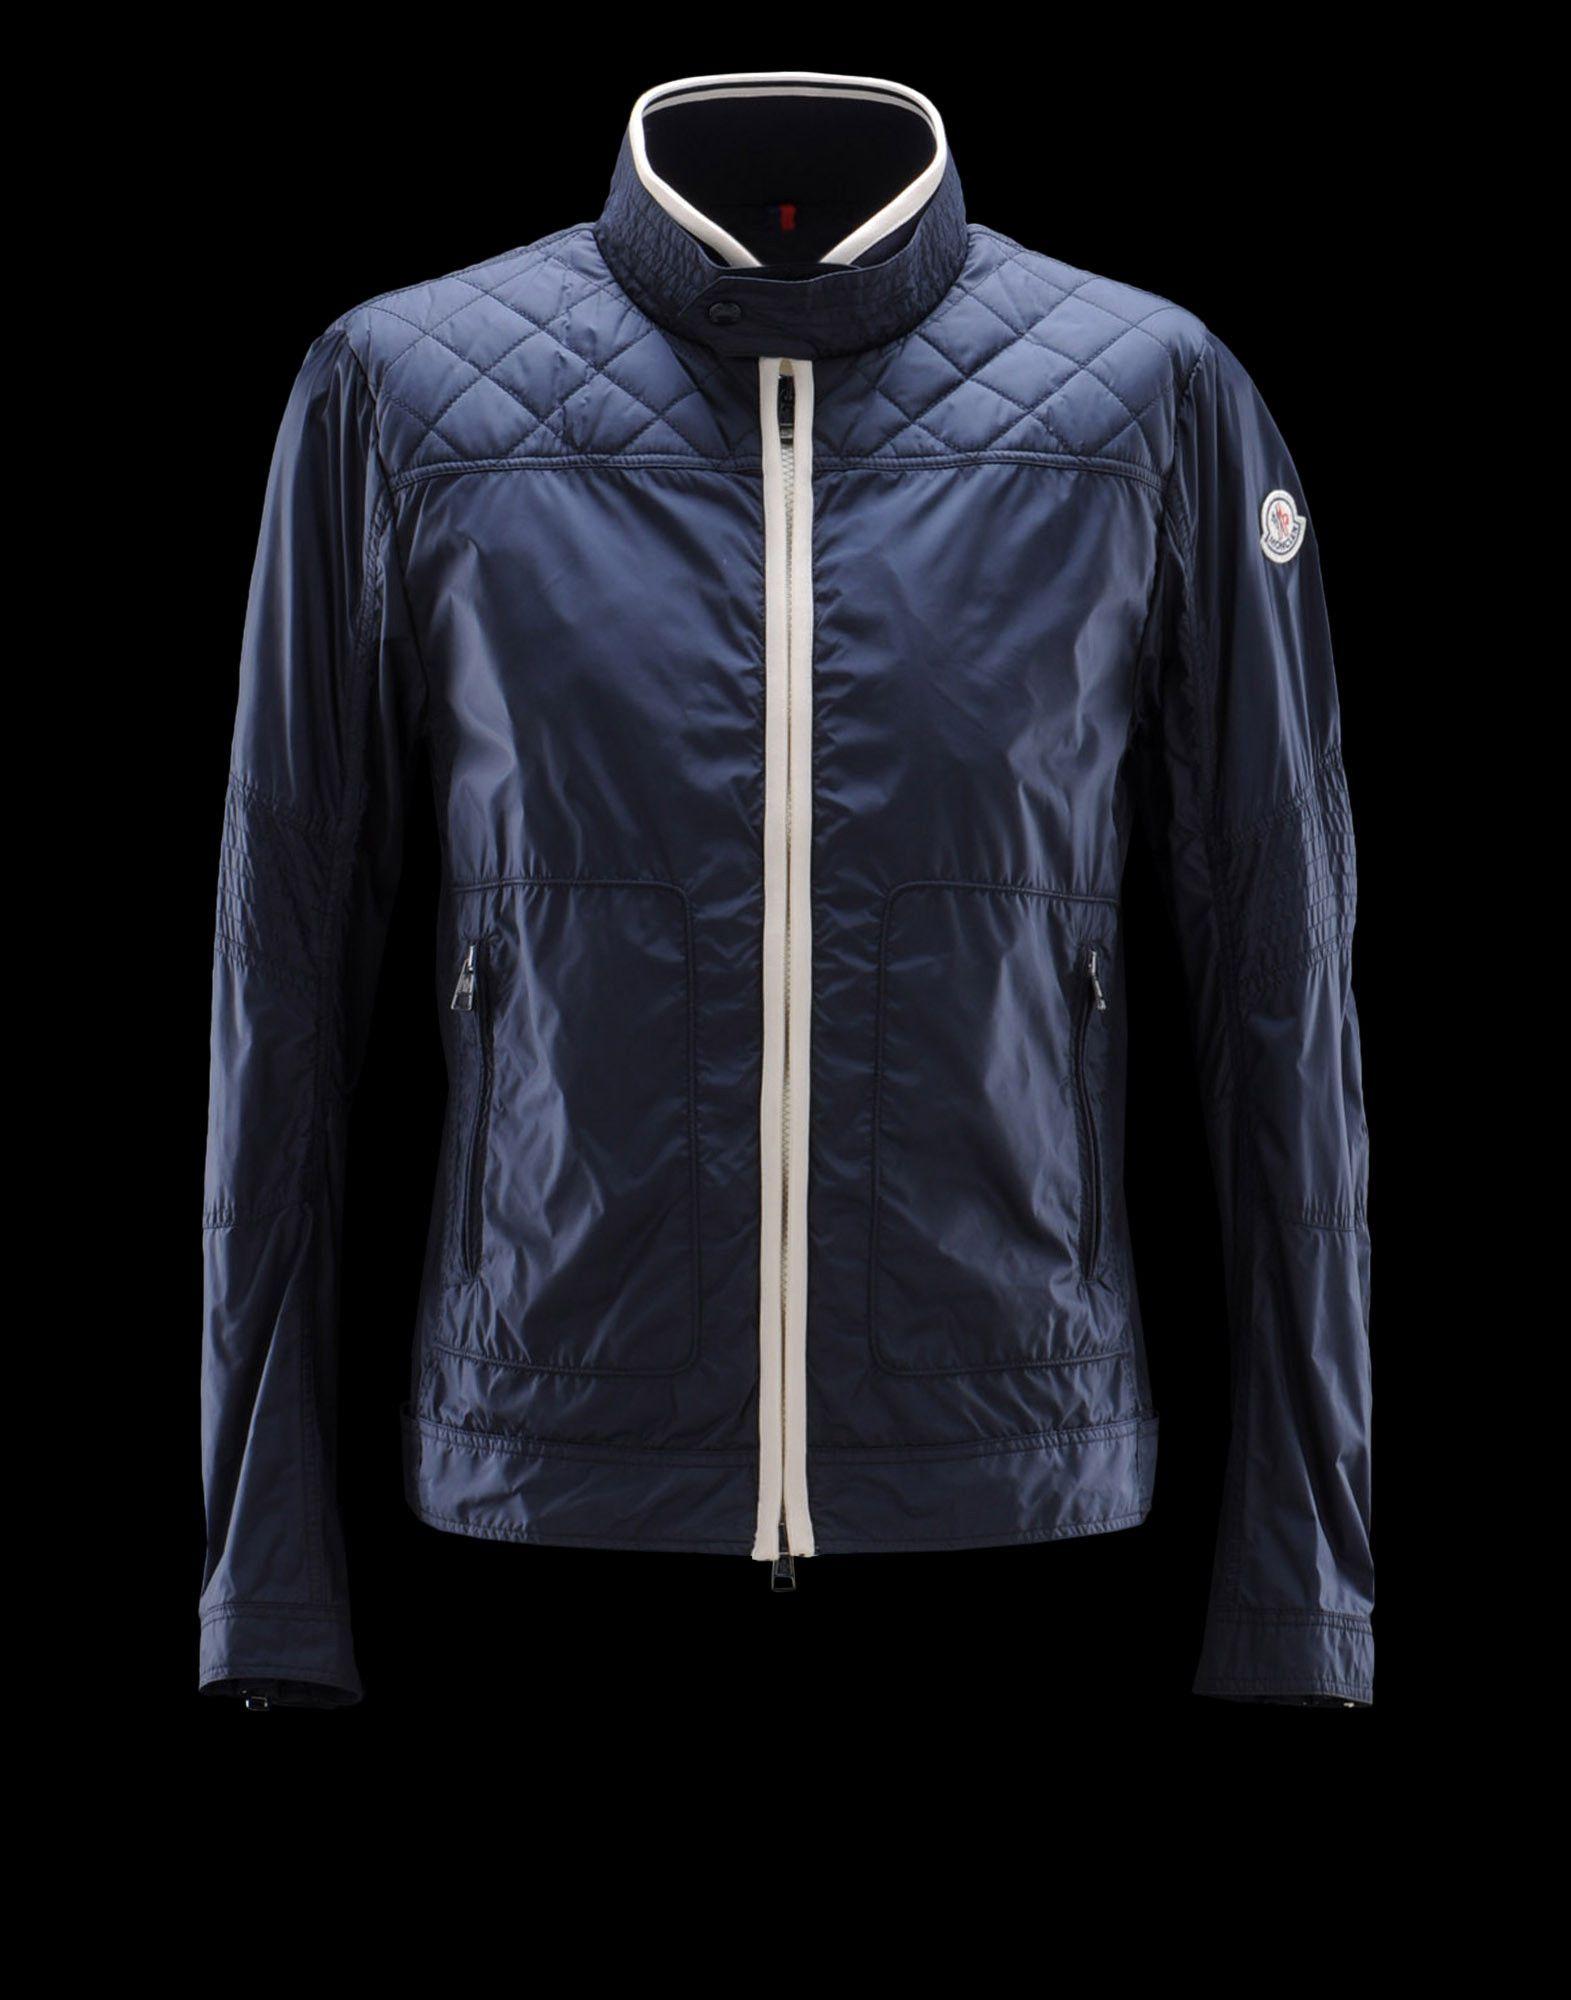 Mens jacket half - Moncler Men Spring Summer 13 Outerwear Jacket Closset For My Other